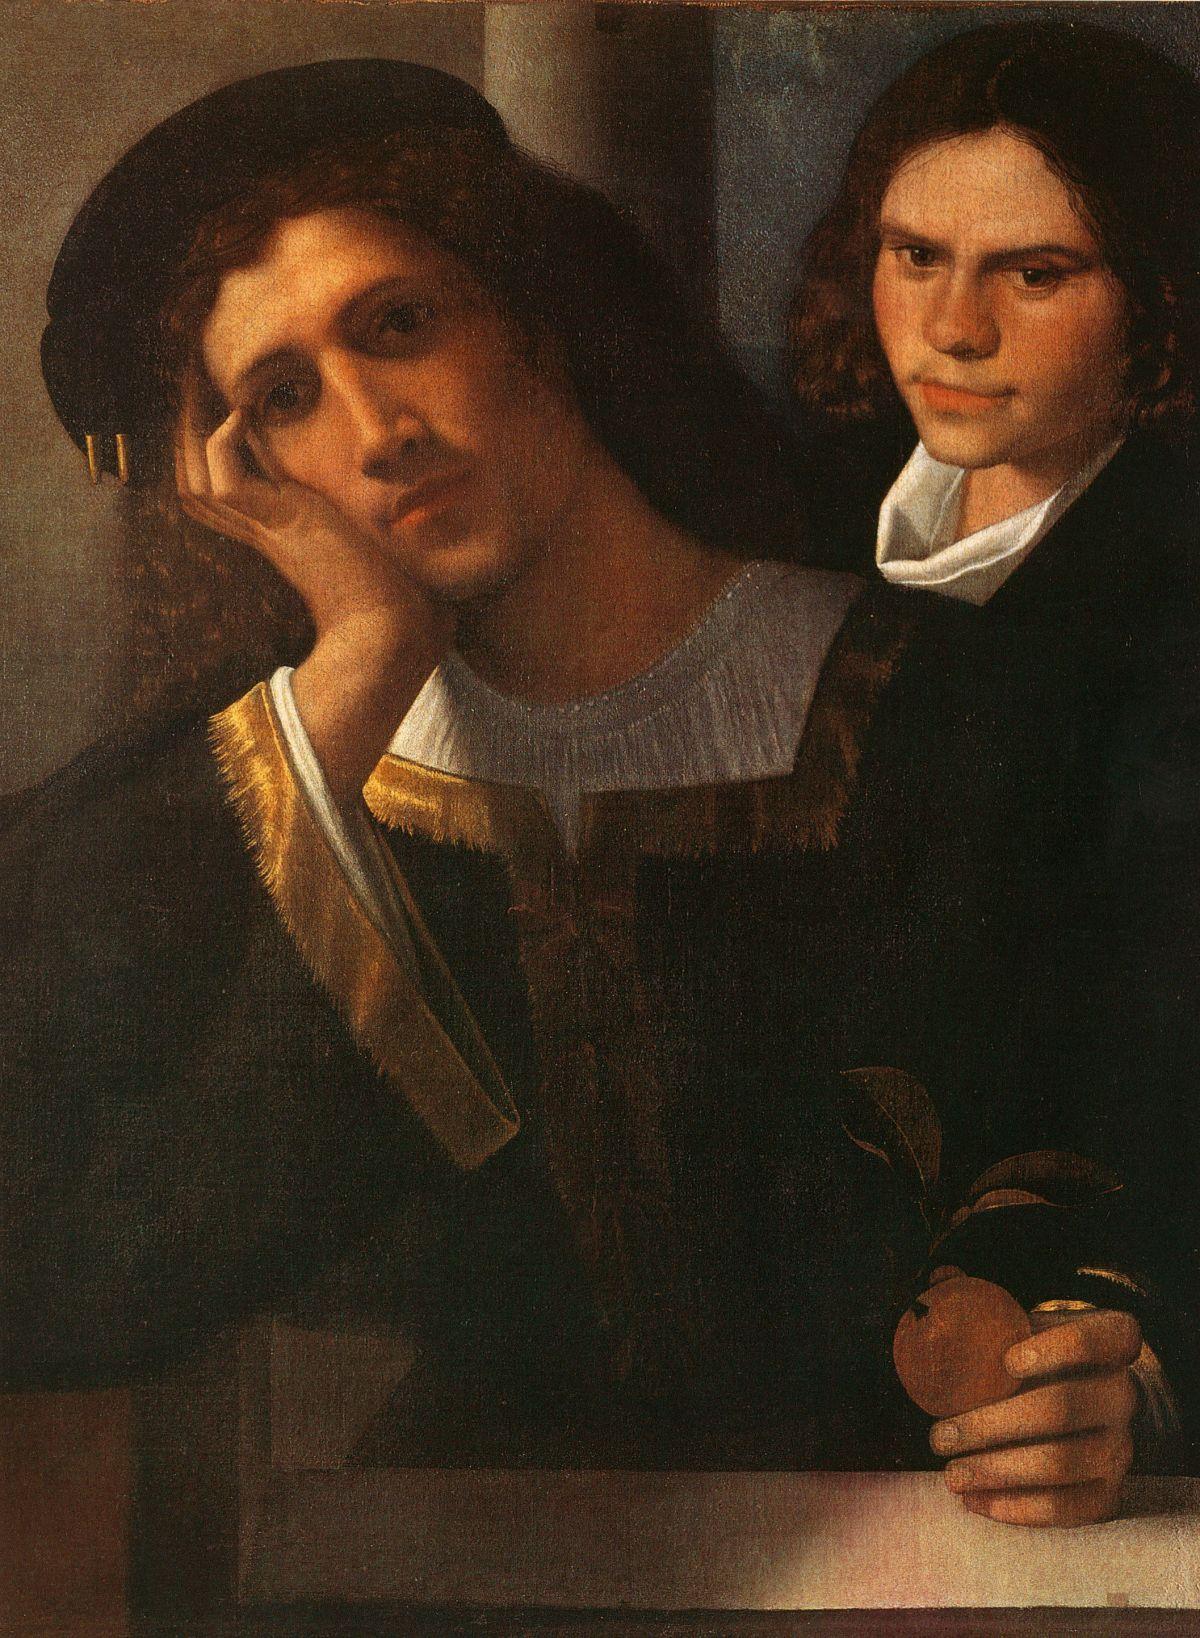 Double Portrait attributed to Giorgione by Giorgione